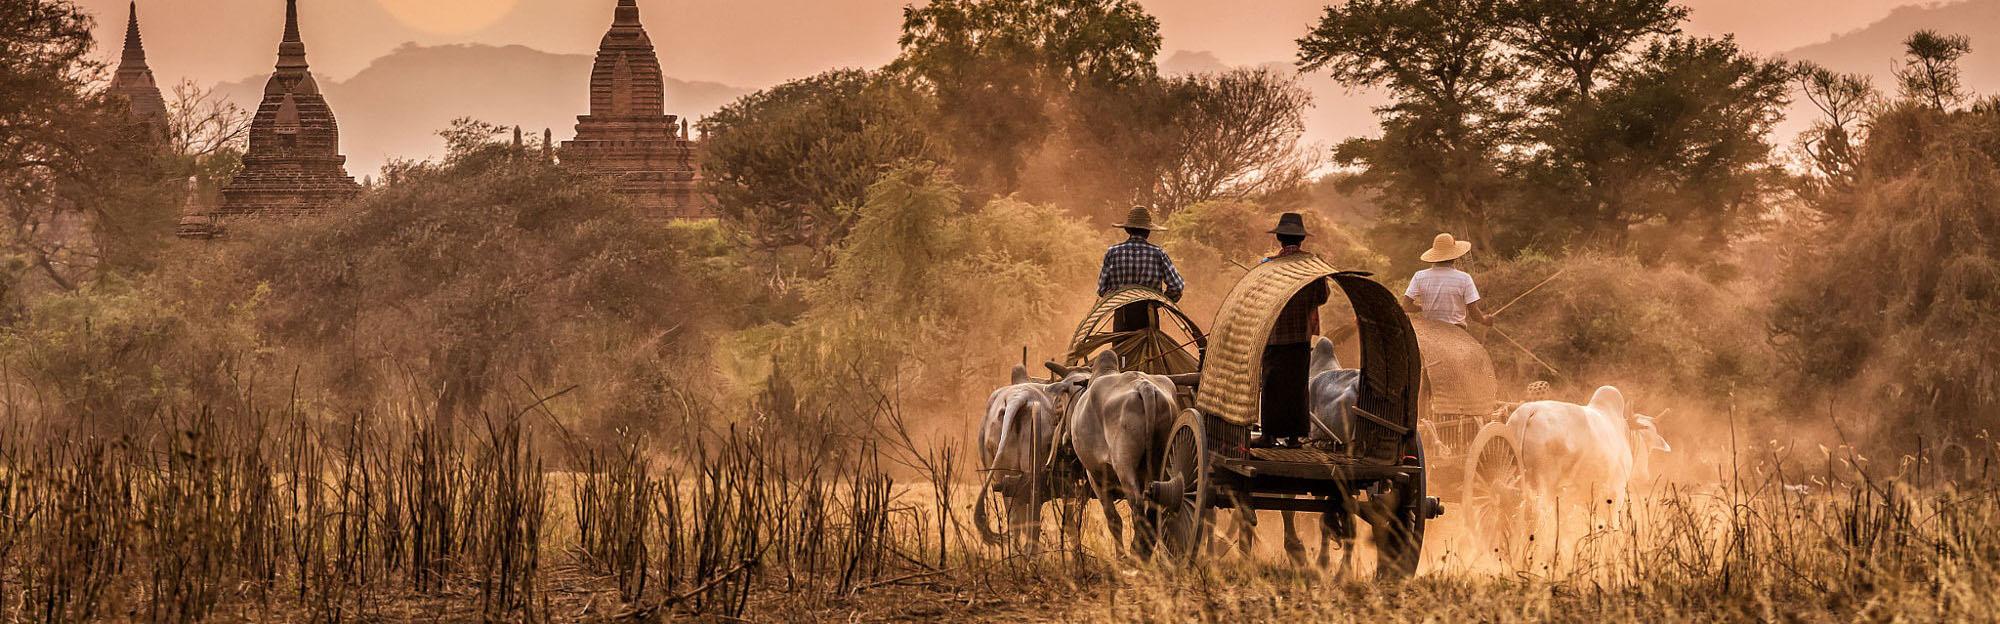 voyage sur mesure en birmanie 4